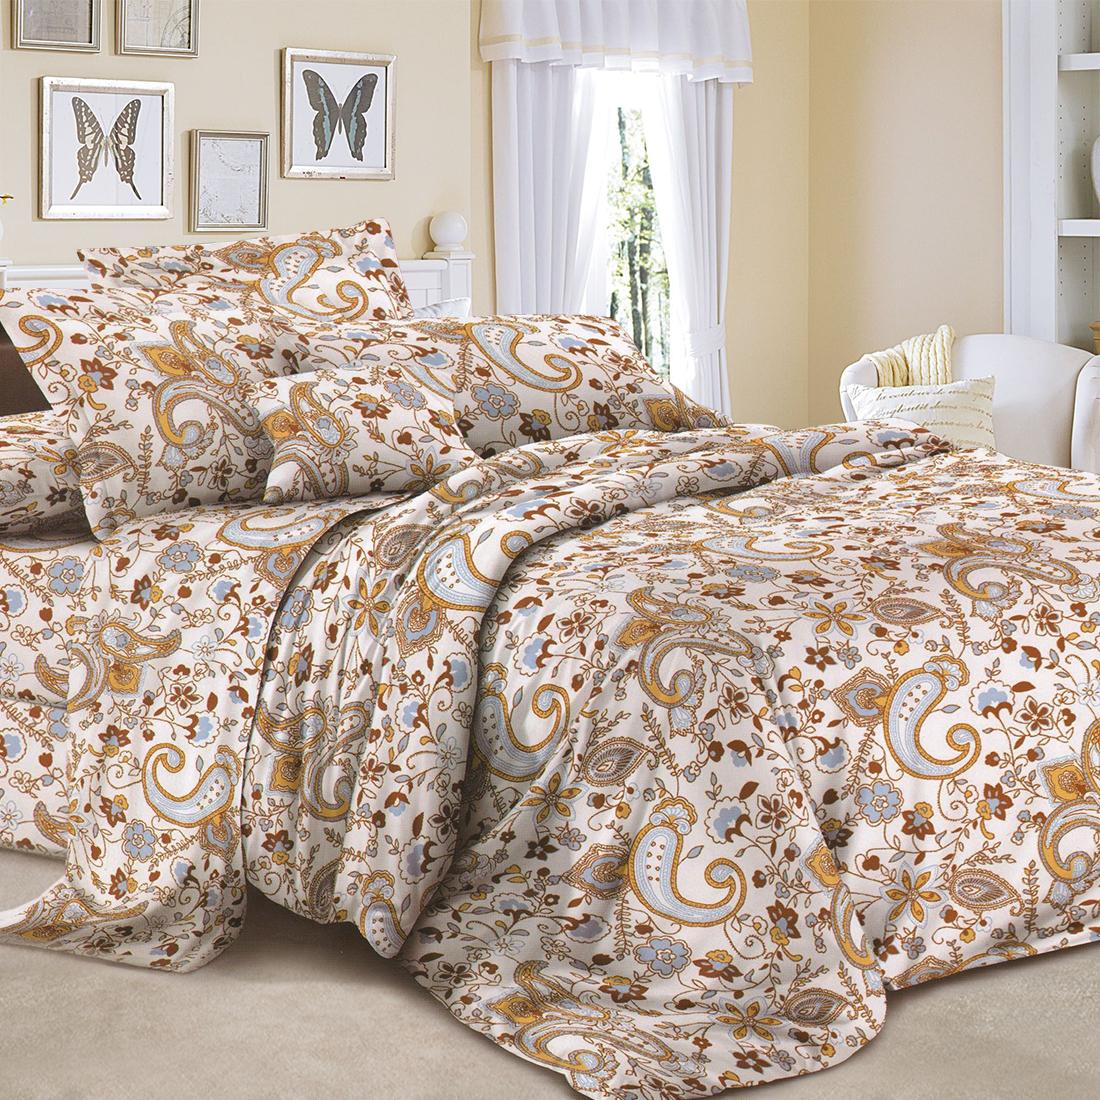 {} Eleganta Постельное белье с одеялом и подушками Domina (1,5 спал.) domina пемза д ног 81557